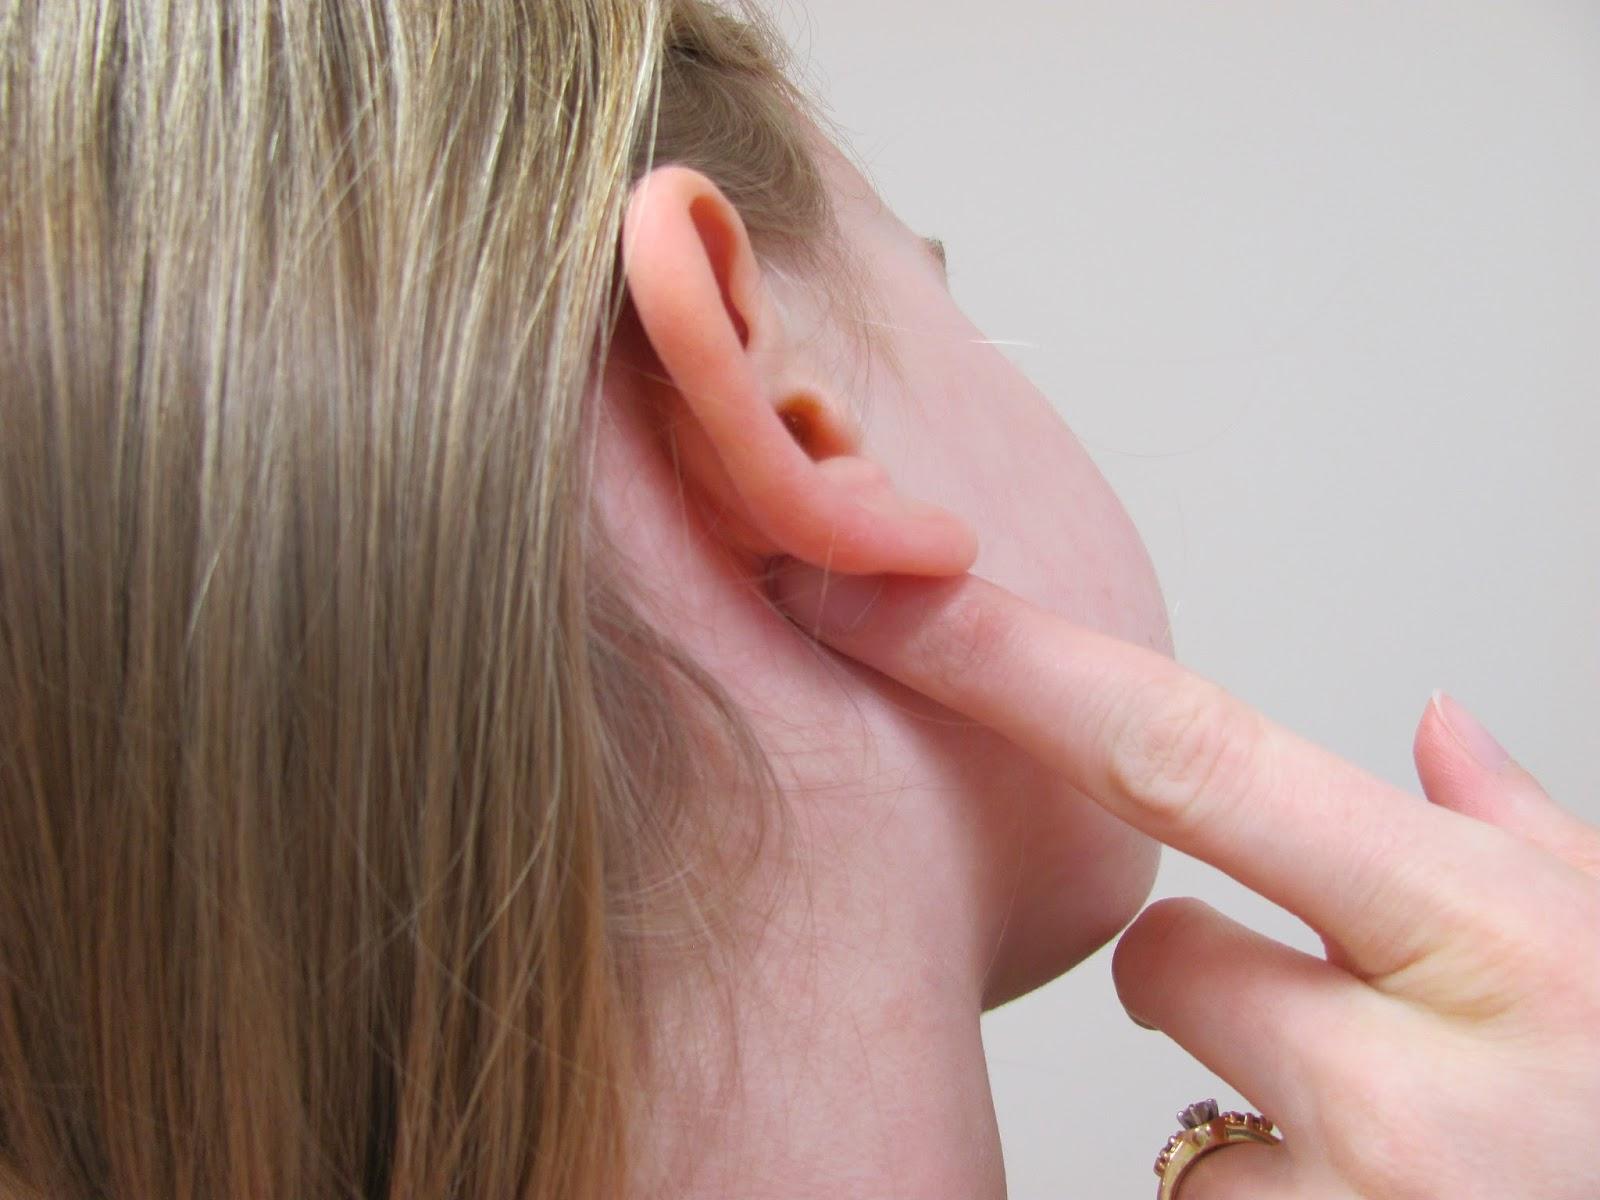 Причины и симптомы чириев, лечение и профилактика